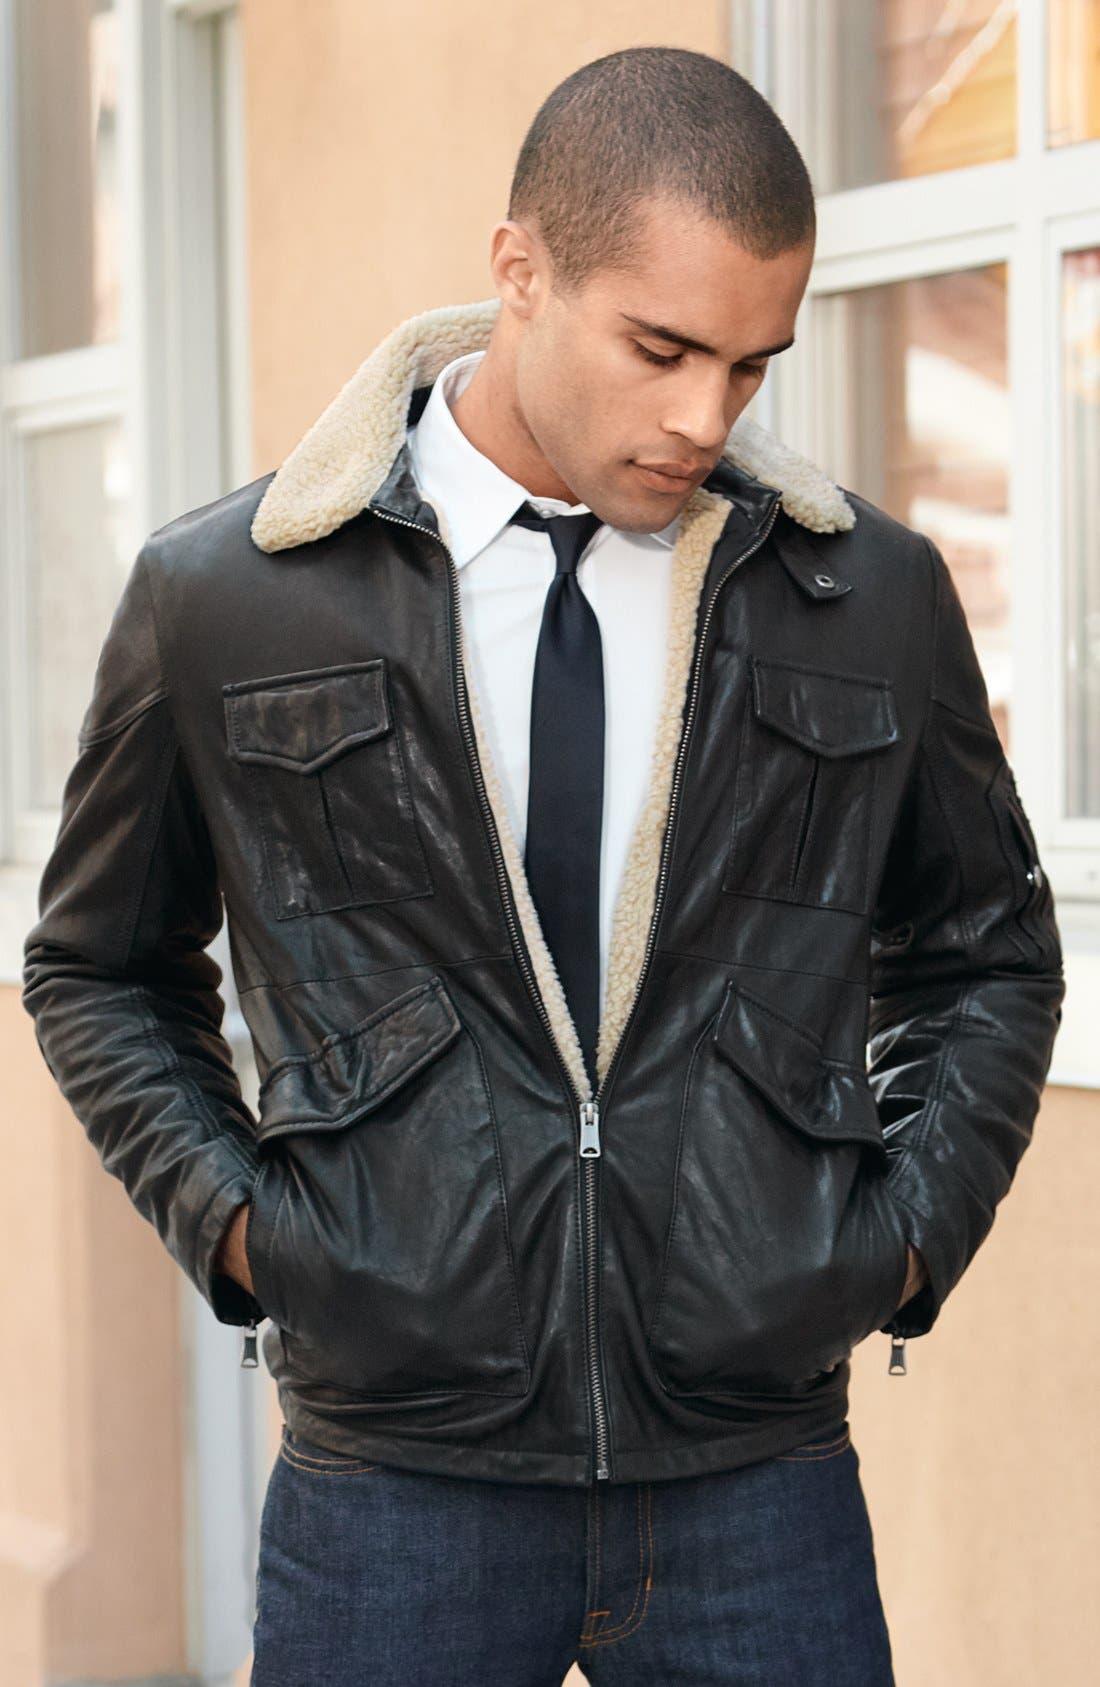 Alternate Image 1 Selected - Levi's® Bomber Jacket, Sovereign Code Shirt & rag & bone Slim Straight Leg Jeans